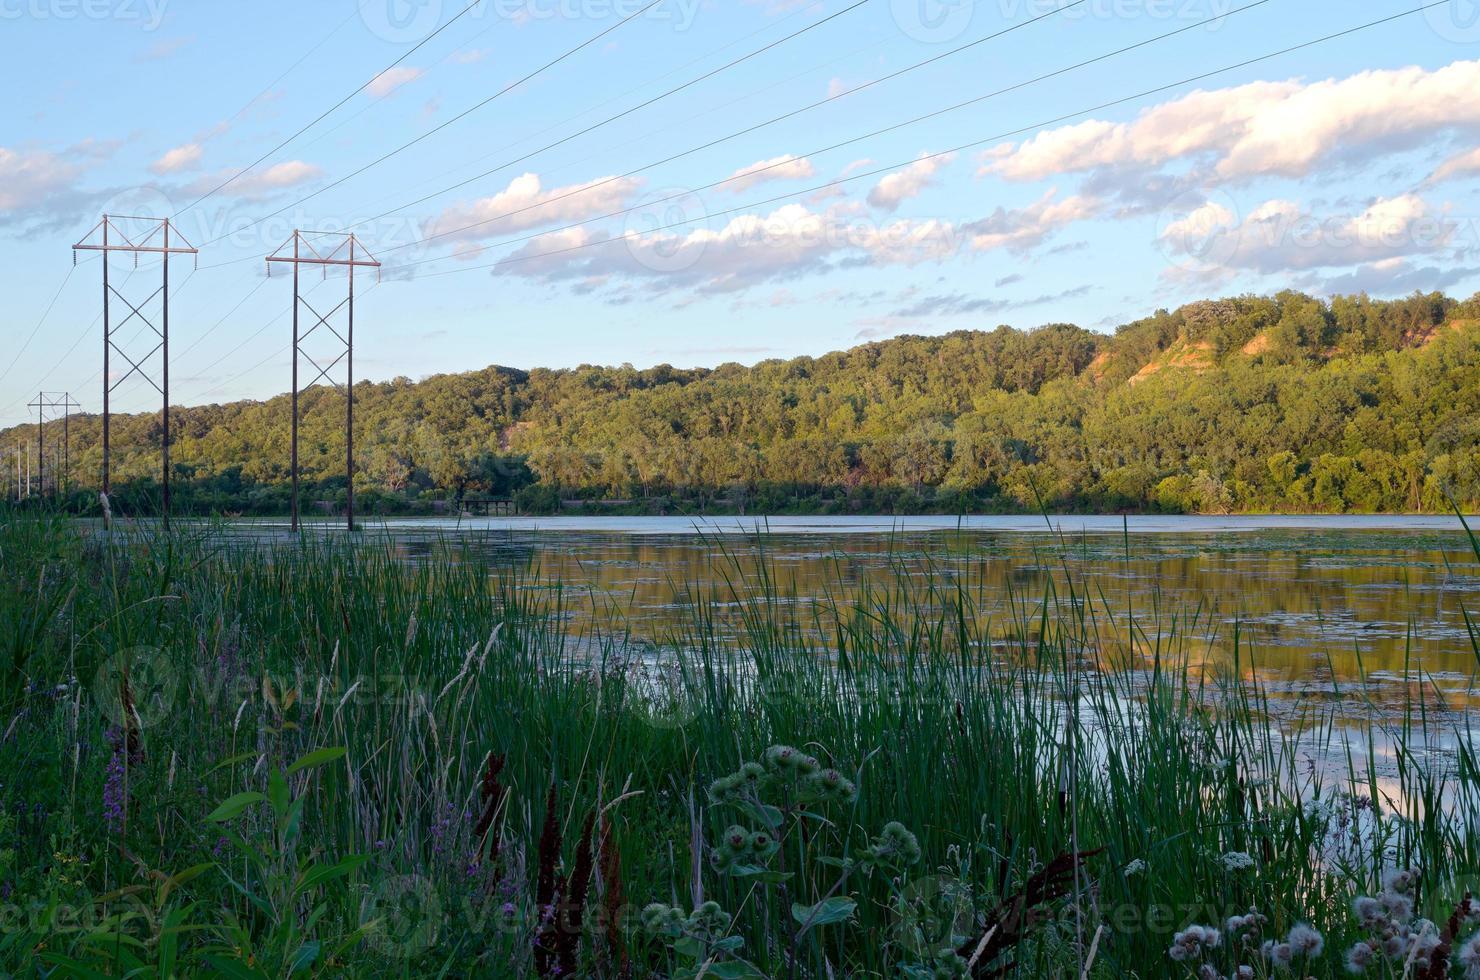 lilydale park e pickerel lake foto